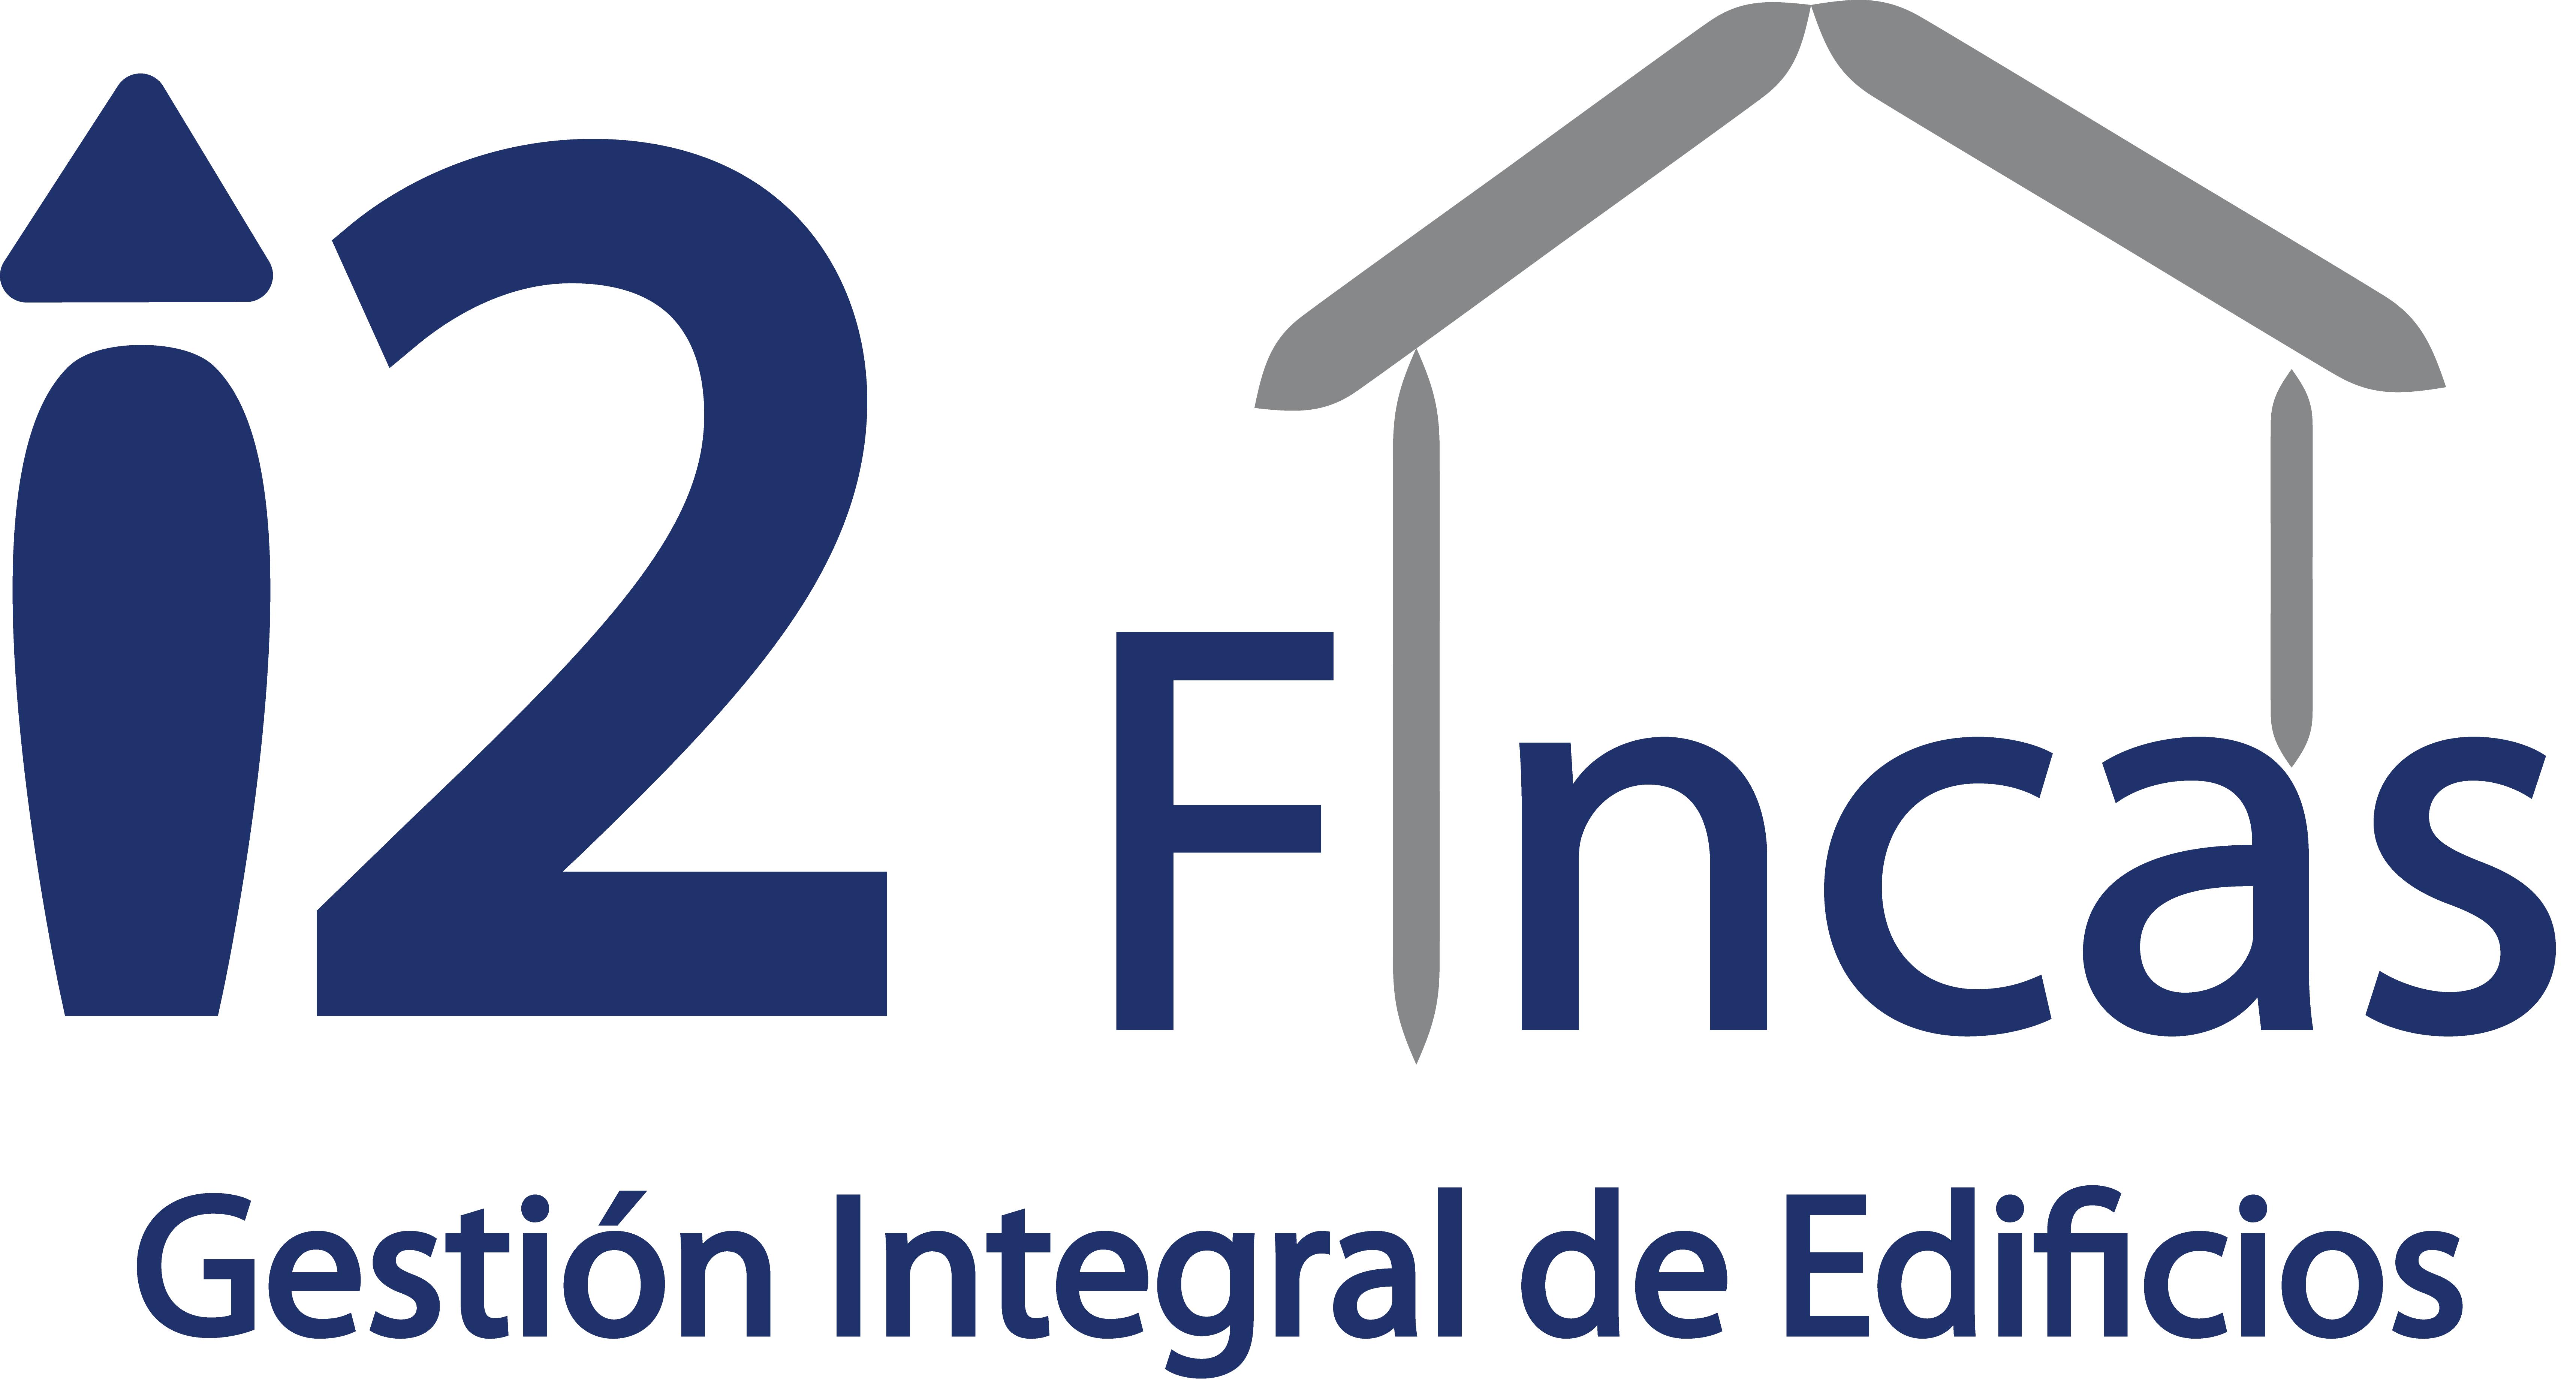 I2 Fincas